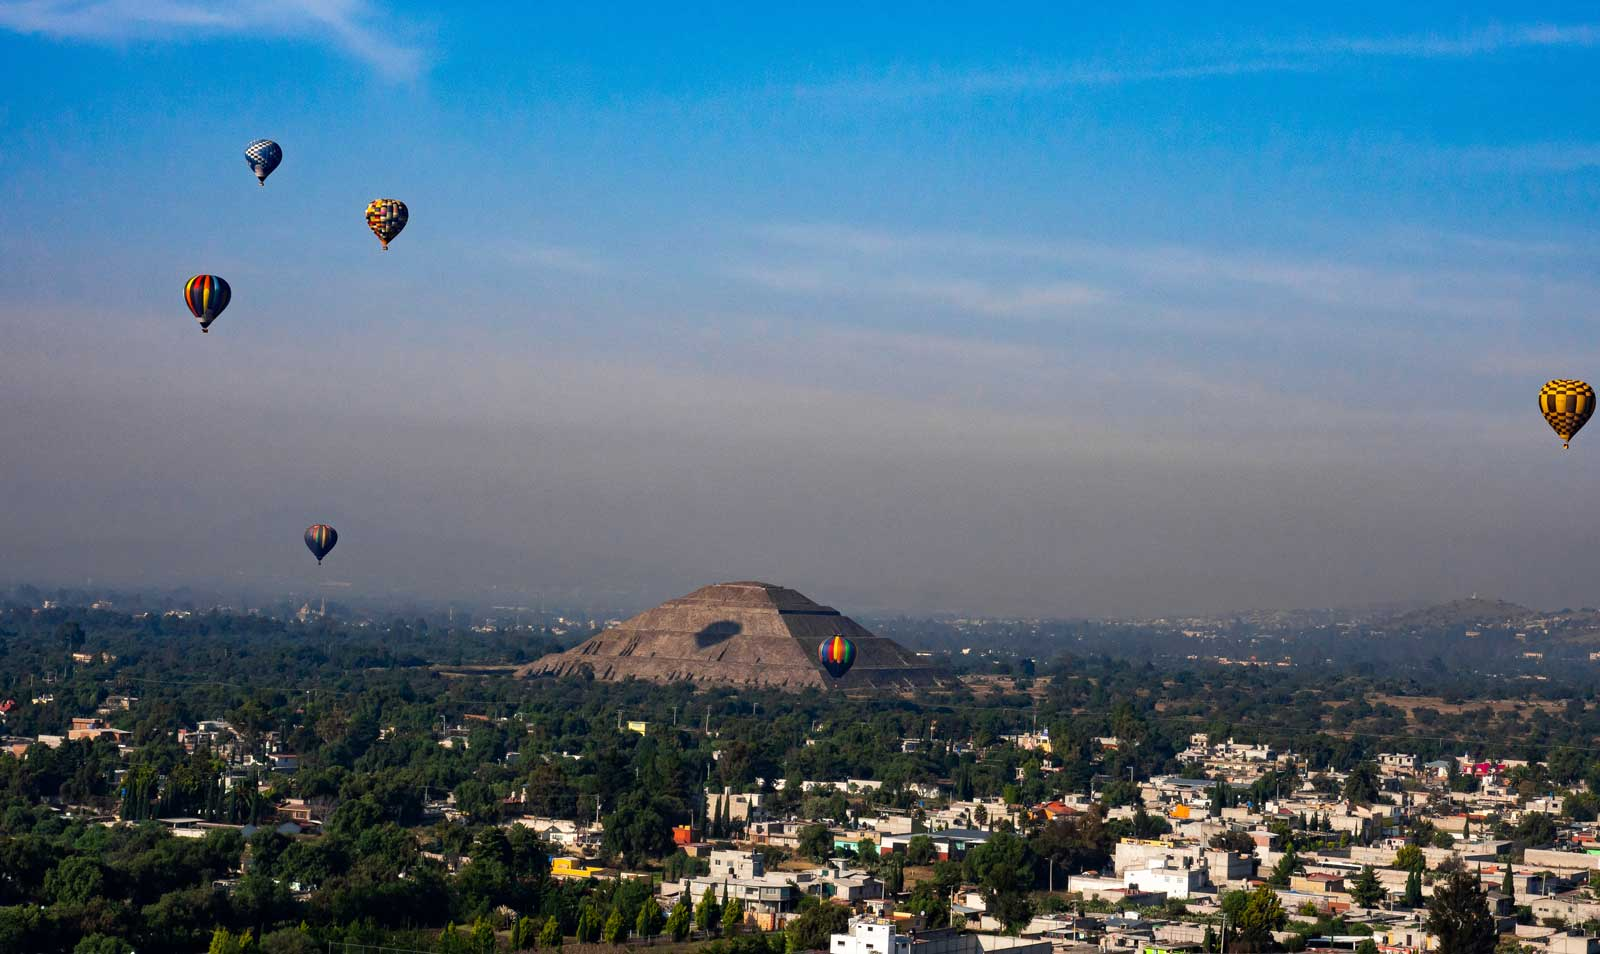 Teotihuacán Ballonfahrt